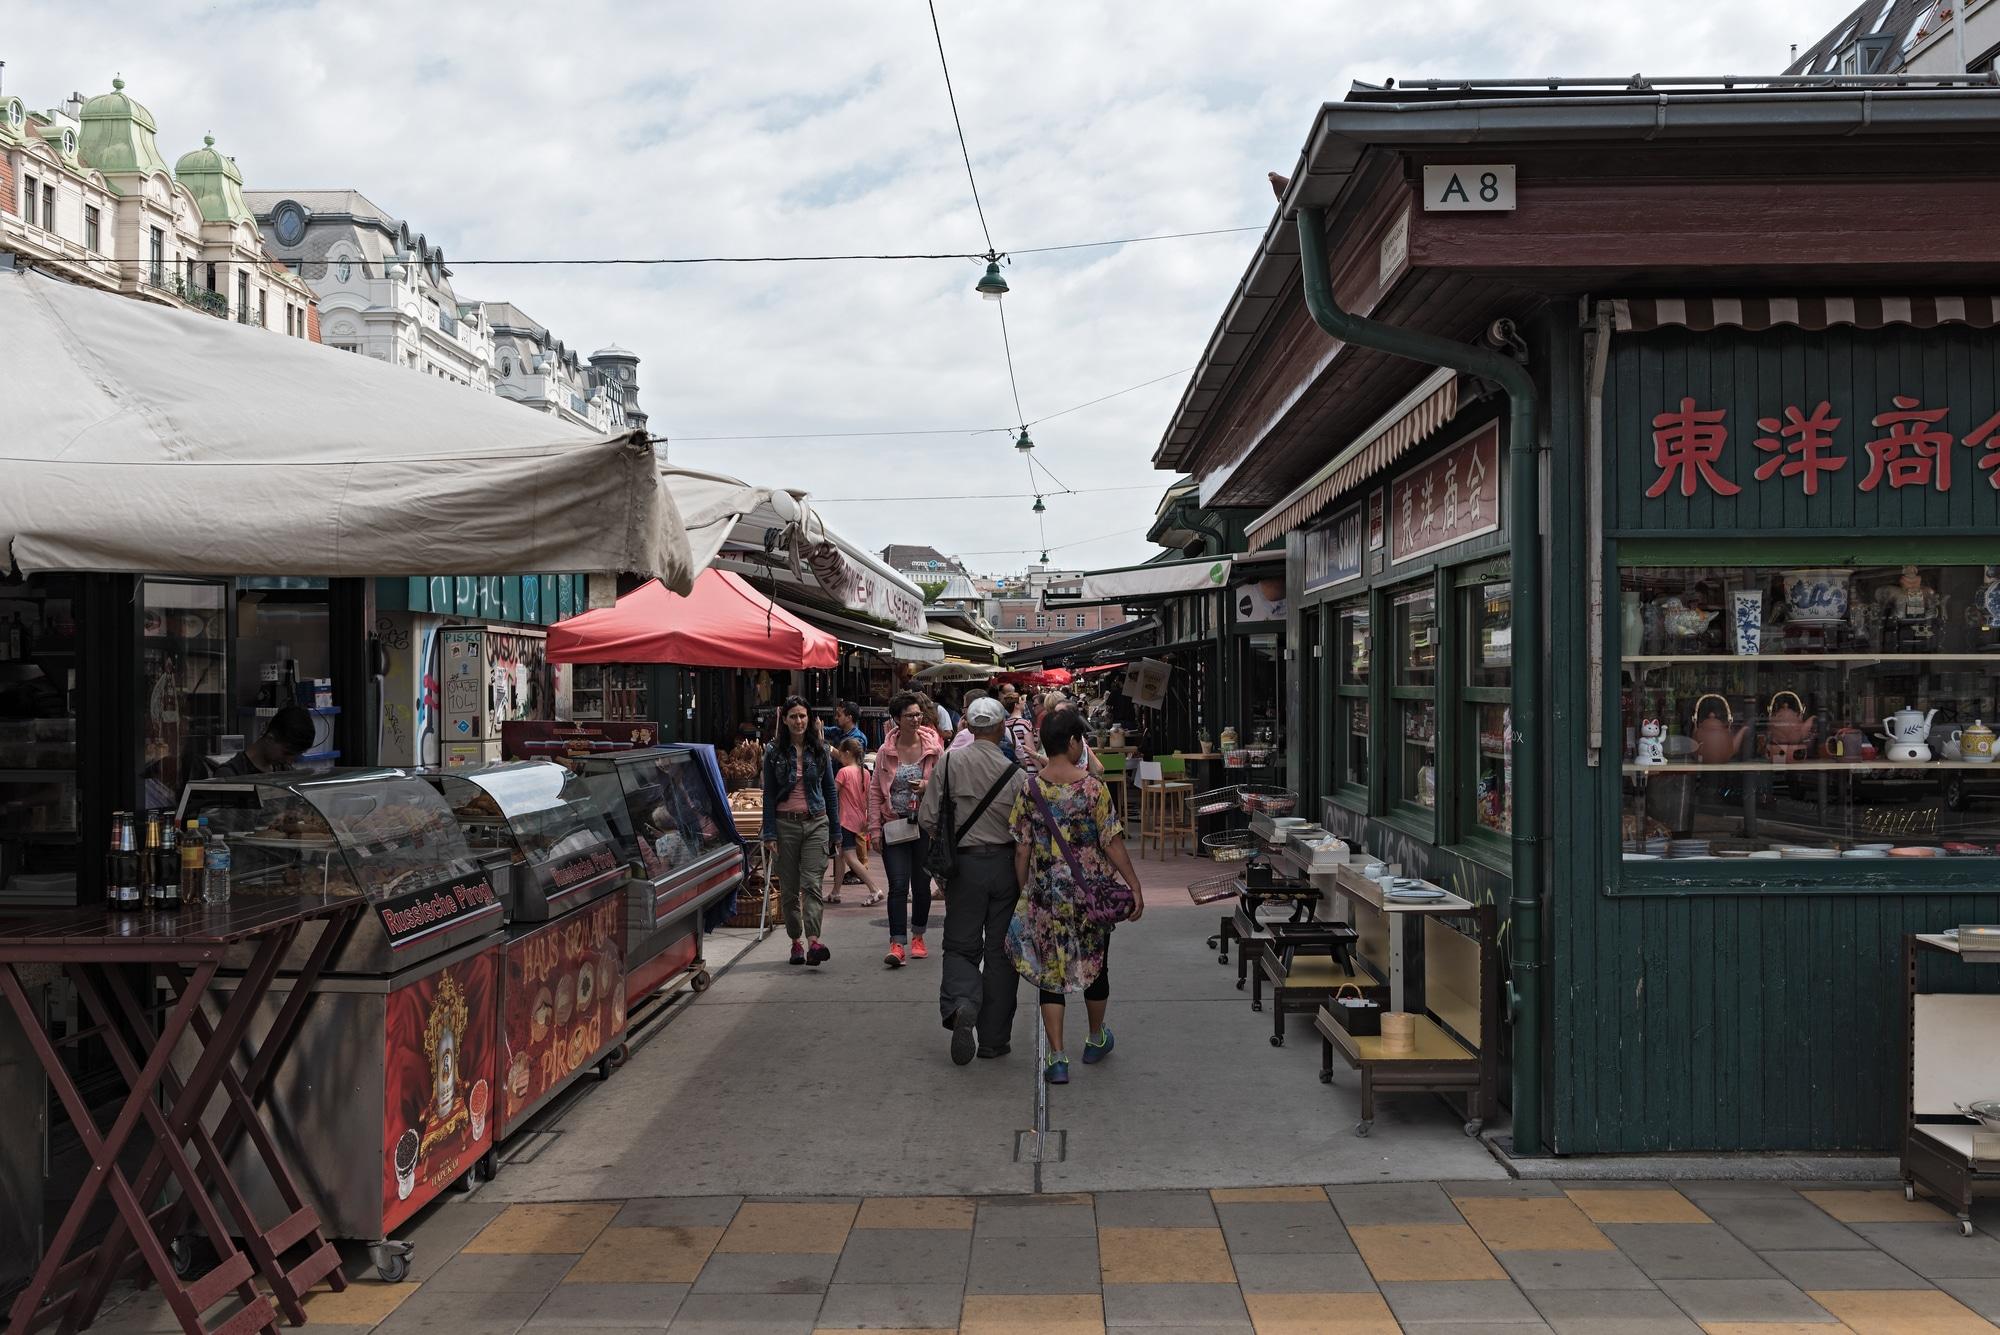 Naschmarkt in Vienna, Austria